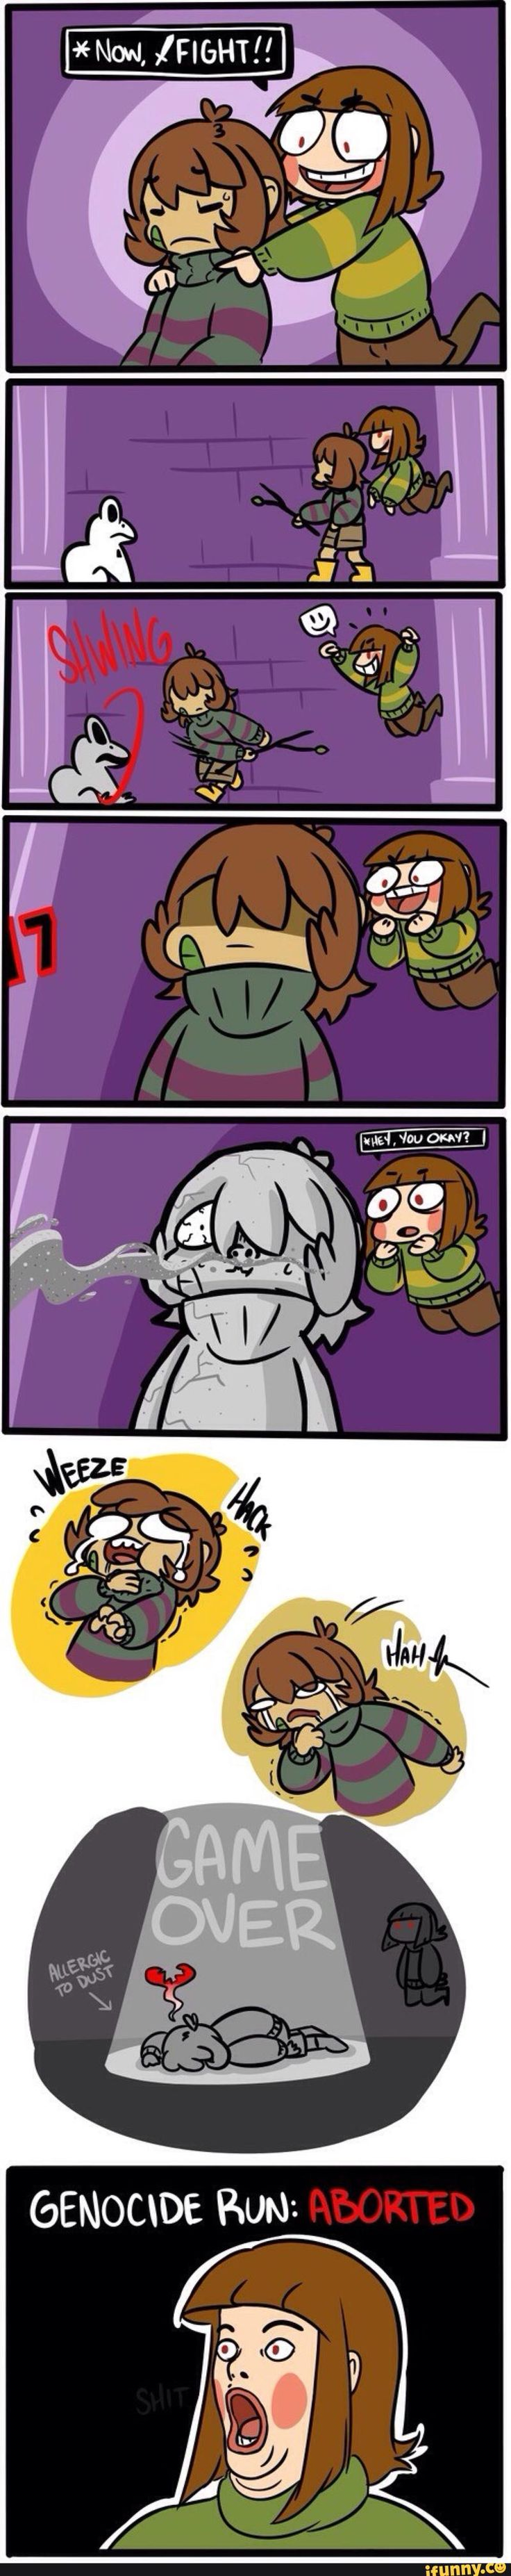 El problema de ser alergico al polvo xD la cara de chara me INKpacta :v